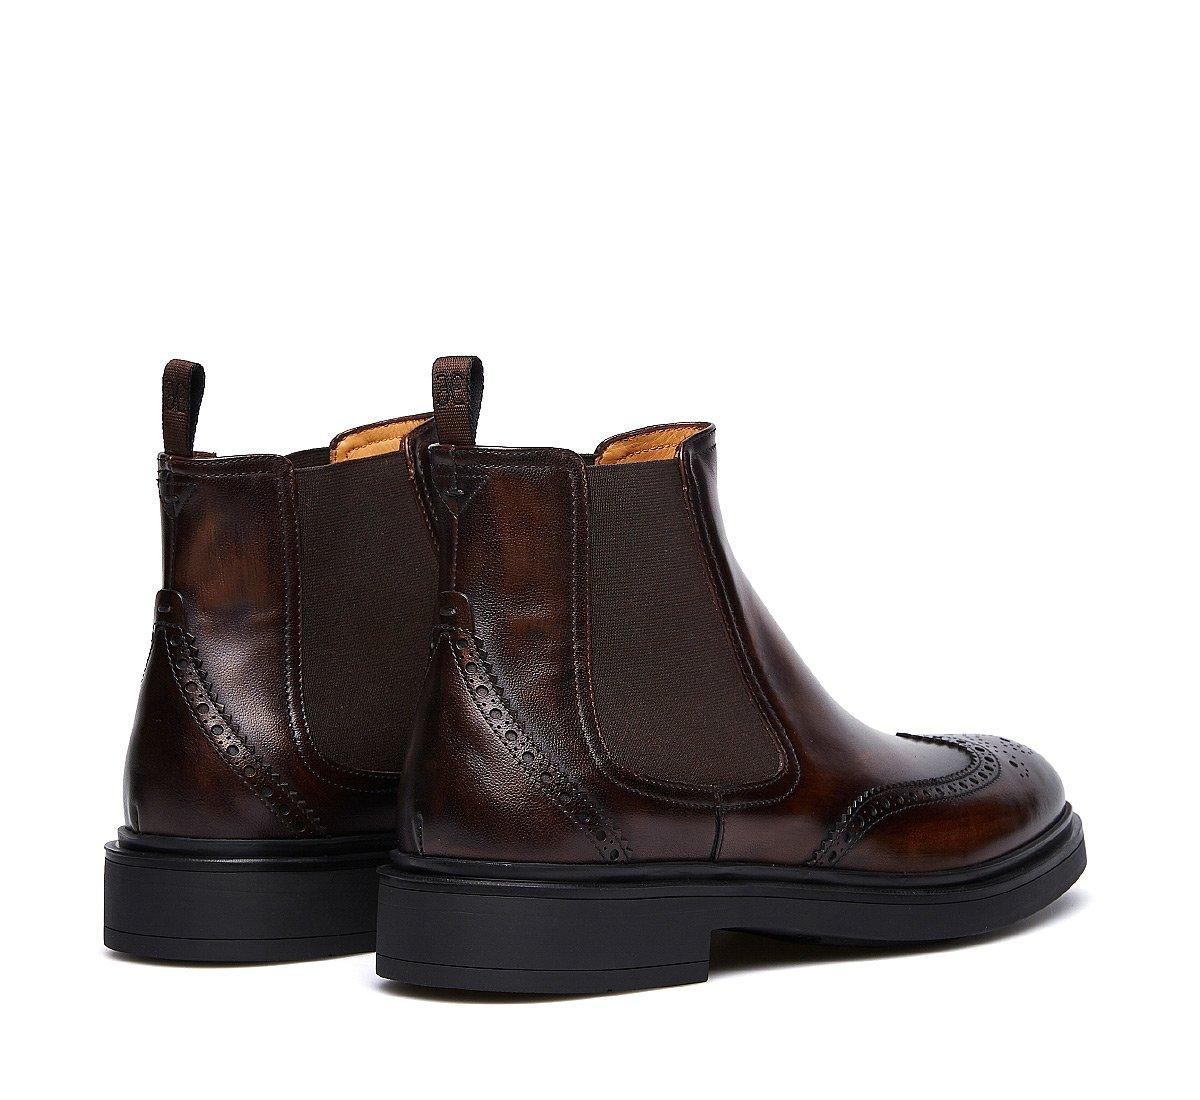 Soft calfskin Beatle boots